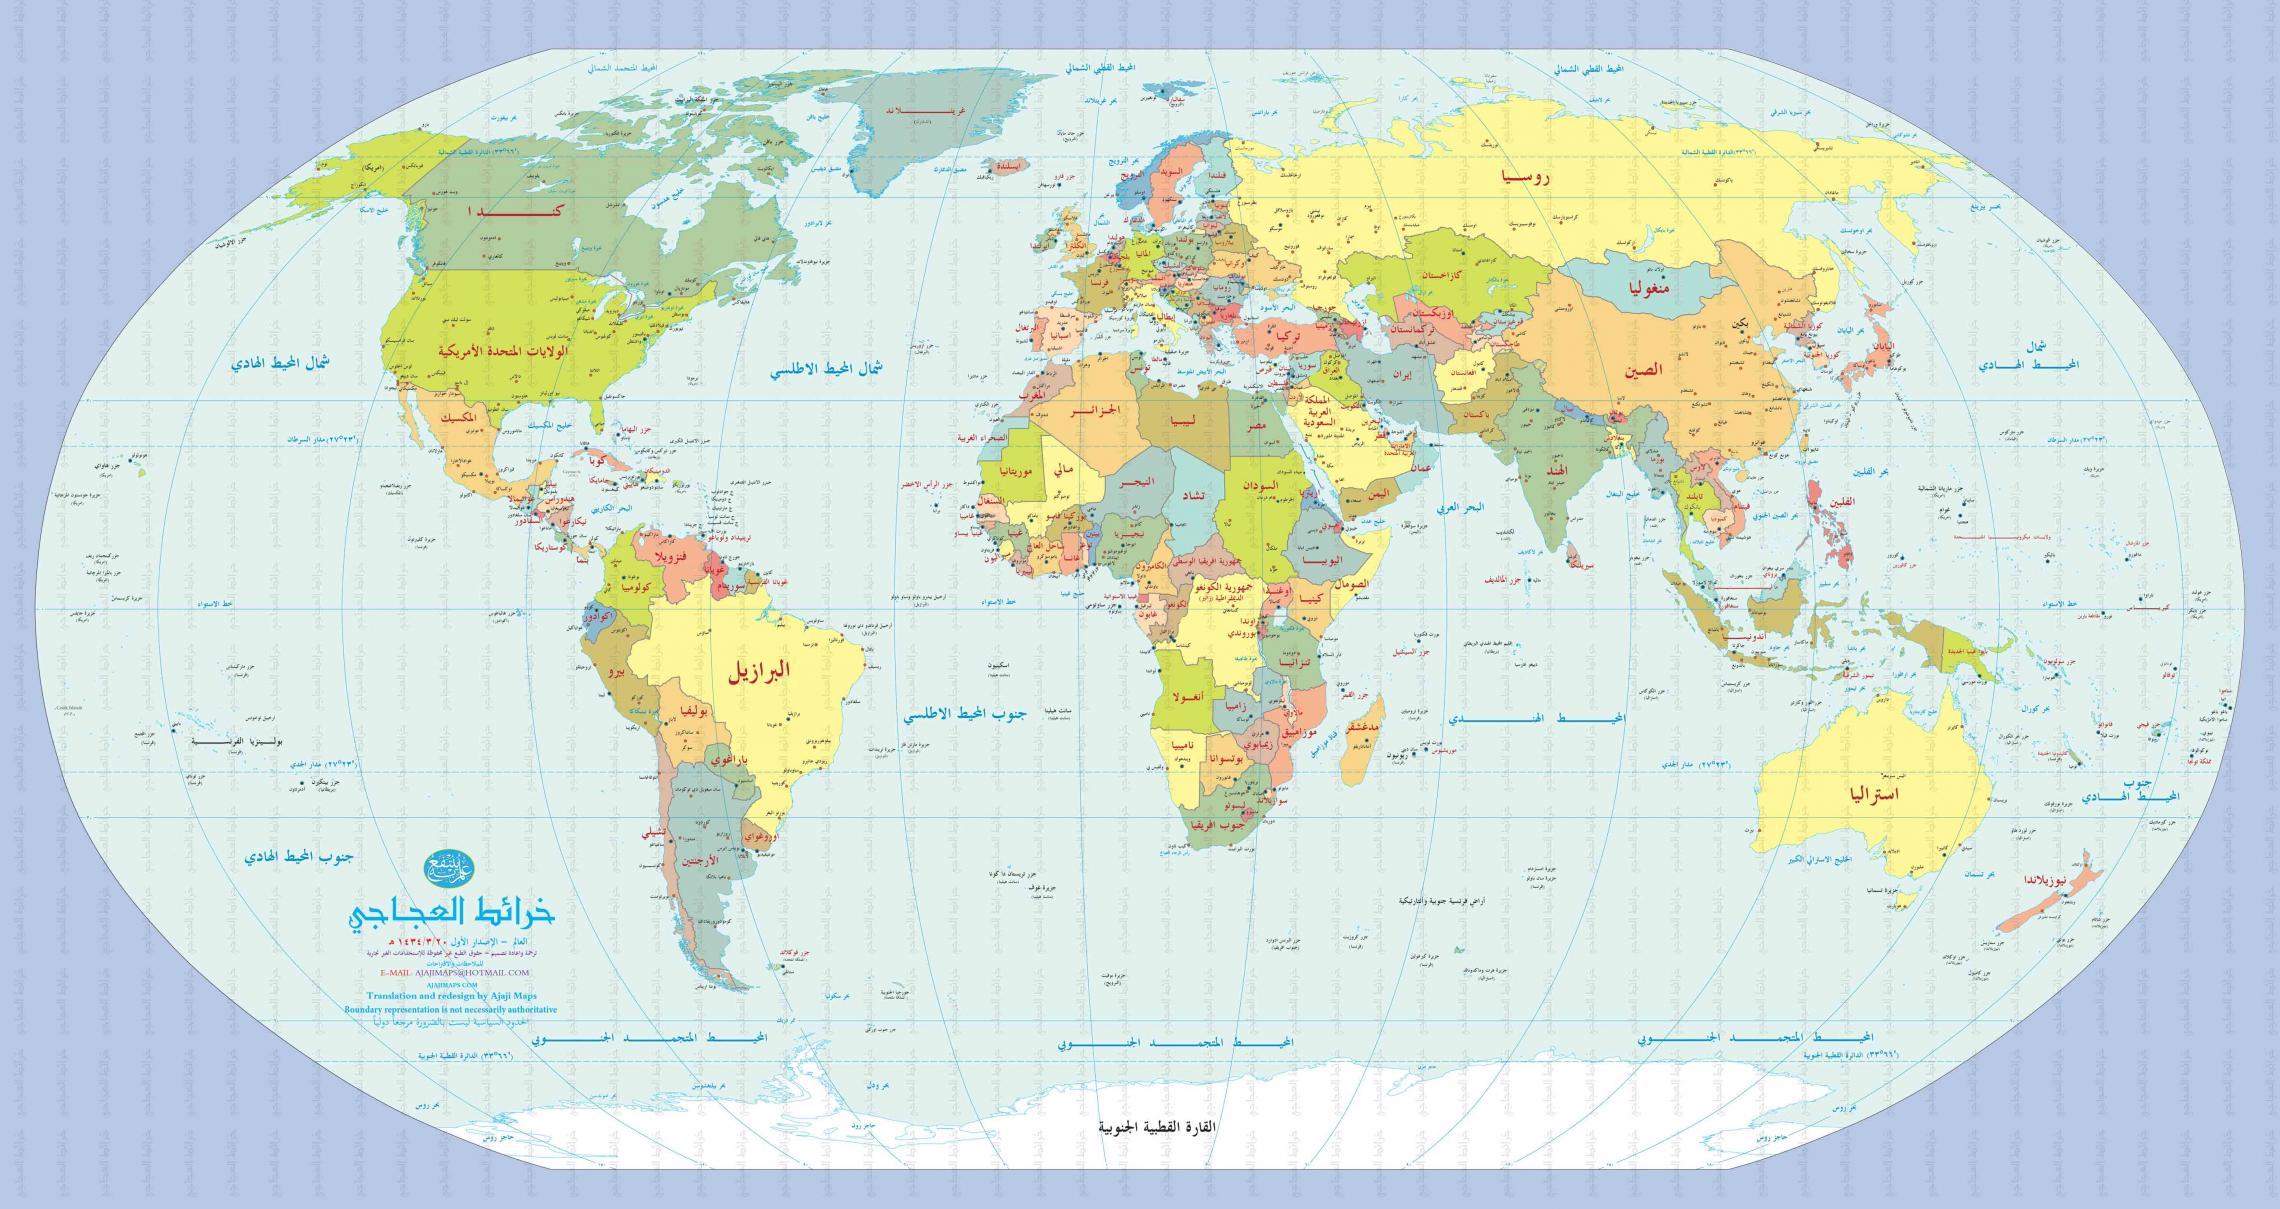 صور خريطة العالم